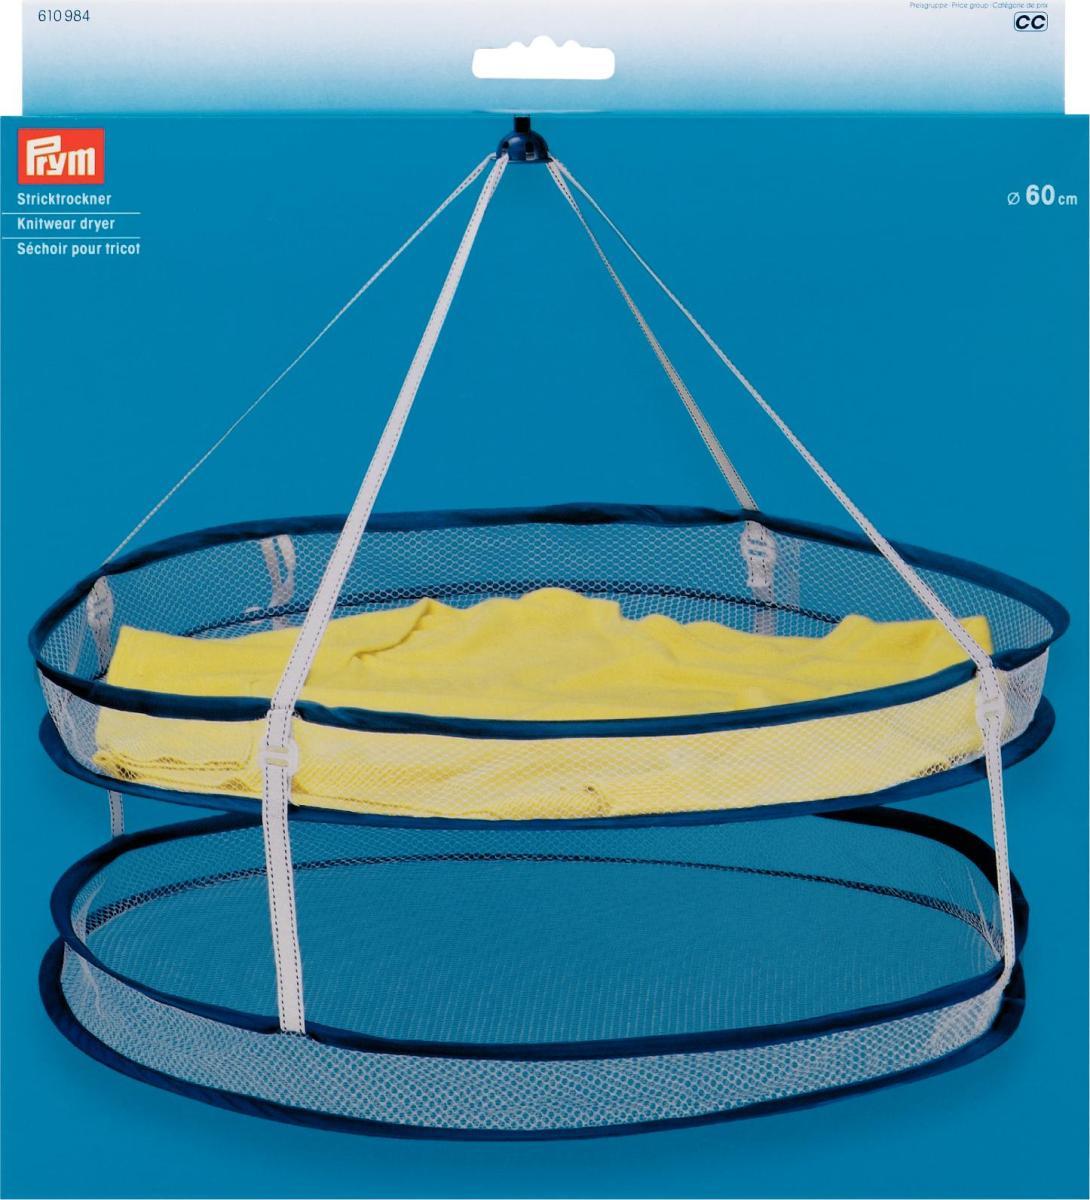 Сушилка для трикотажа Prym, подвесная, диаметр 60 см610984Сушилка подвесная для трикотажа идеально подходит для сушки трикотажа и тонкого белья на воздухе, препятствует перетяжке одежды